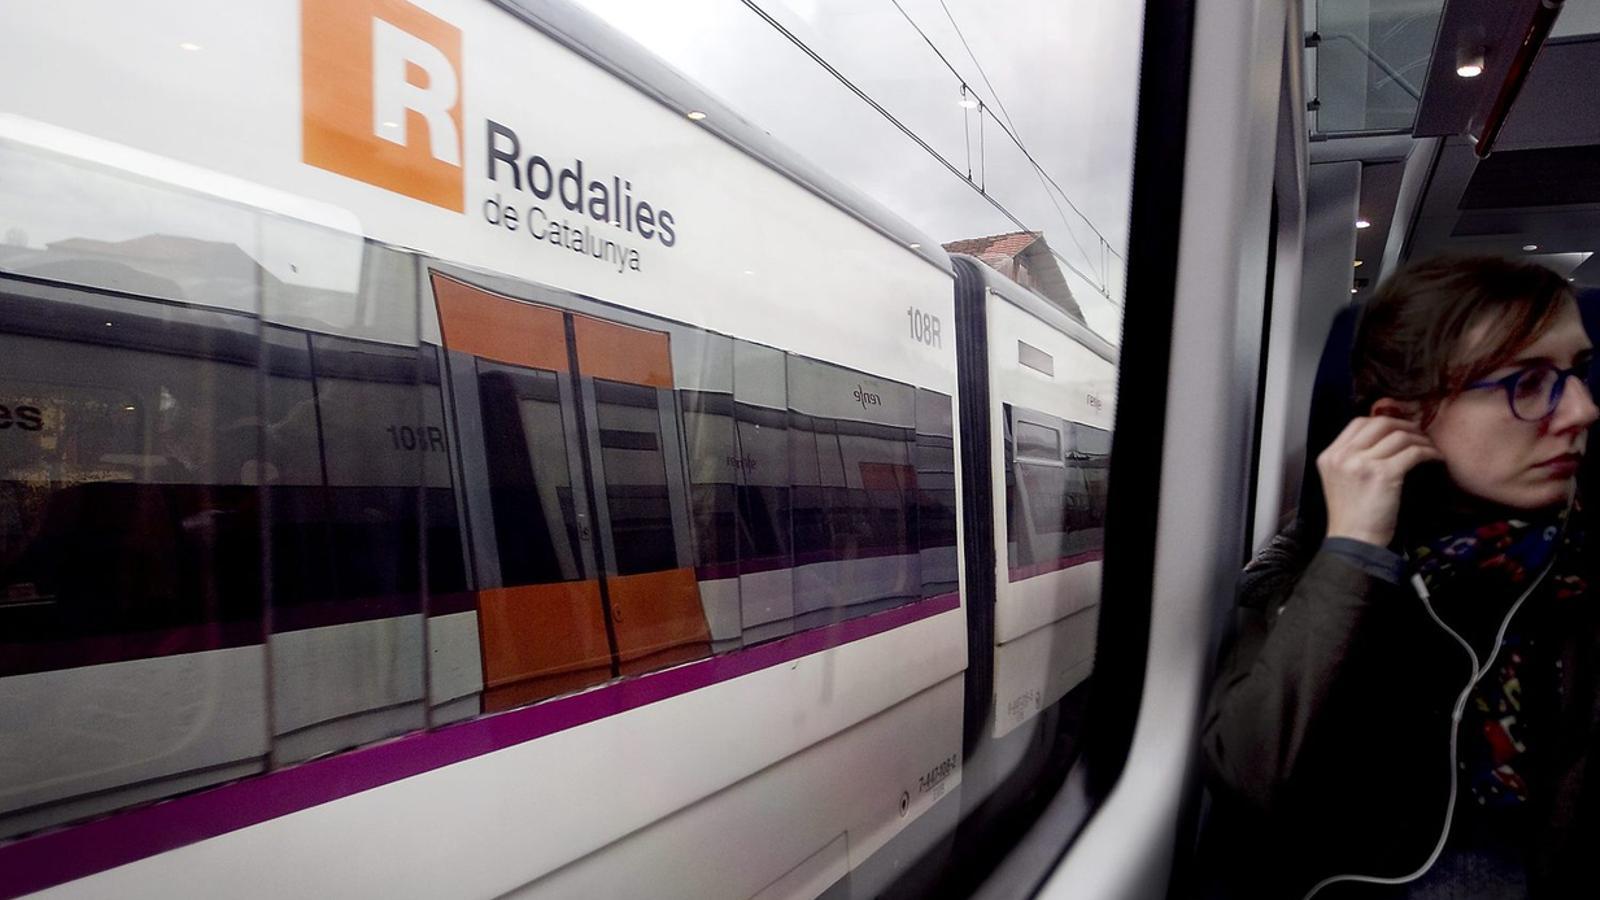 Cada dia més de 400.000 persones agafen la xarxa de Rodalies per desplaçar-se, per feina o per oci.